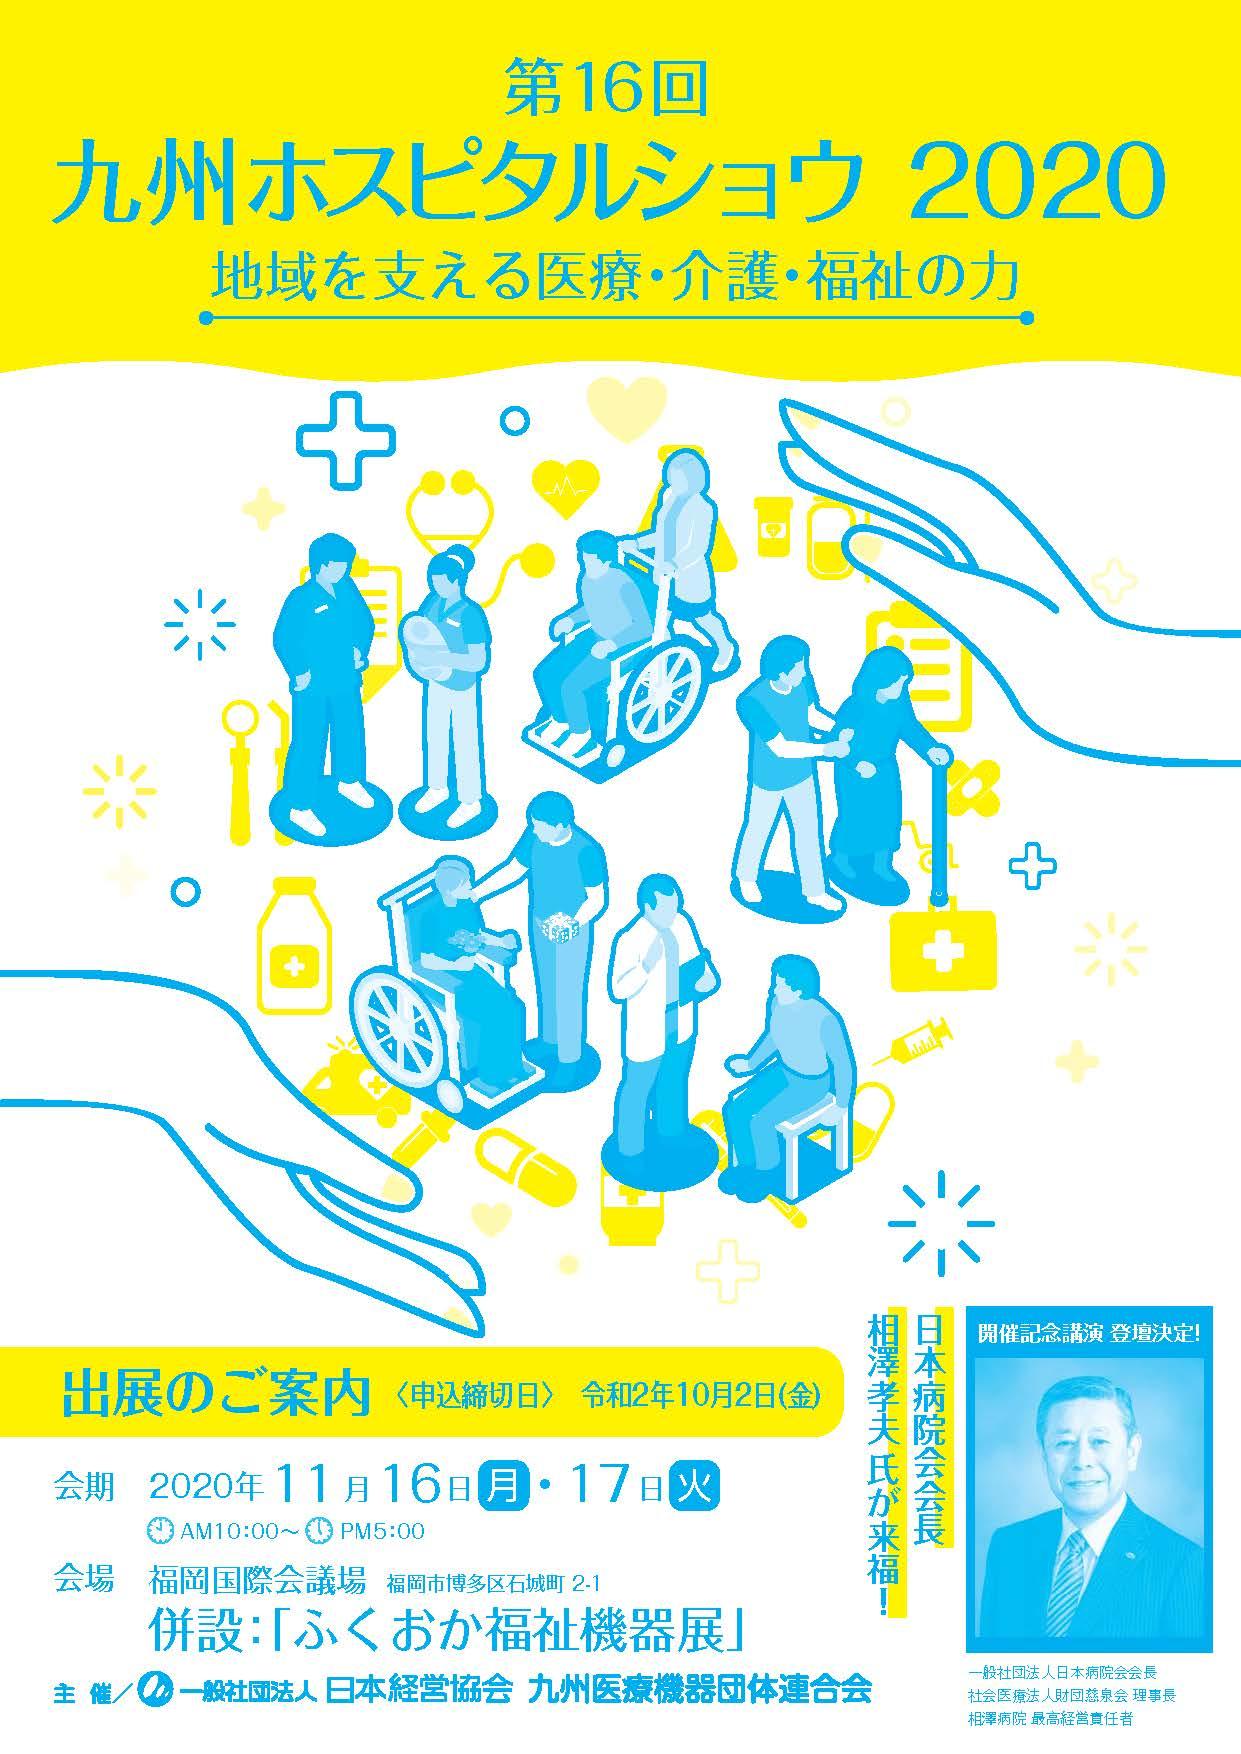 九州ホスピタルショウ2020/ふくおか福祉機器展 出展のご案内チラシ